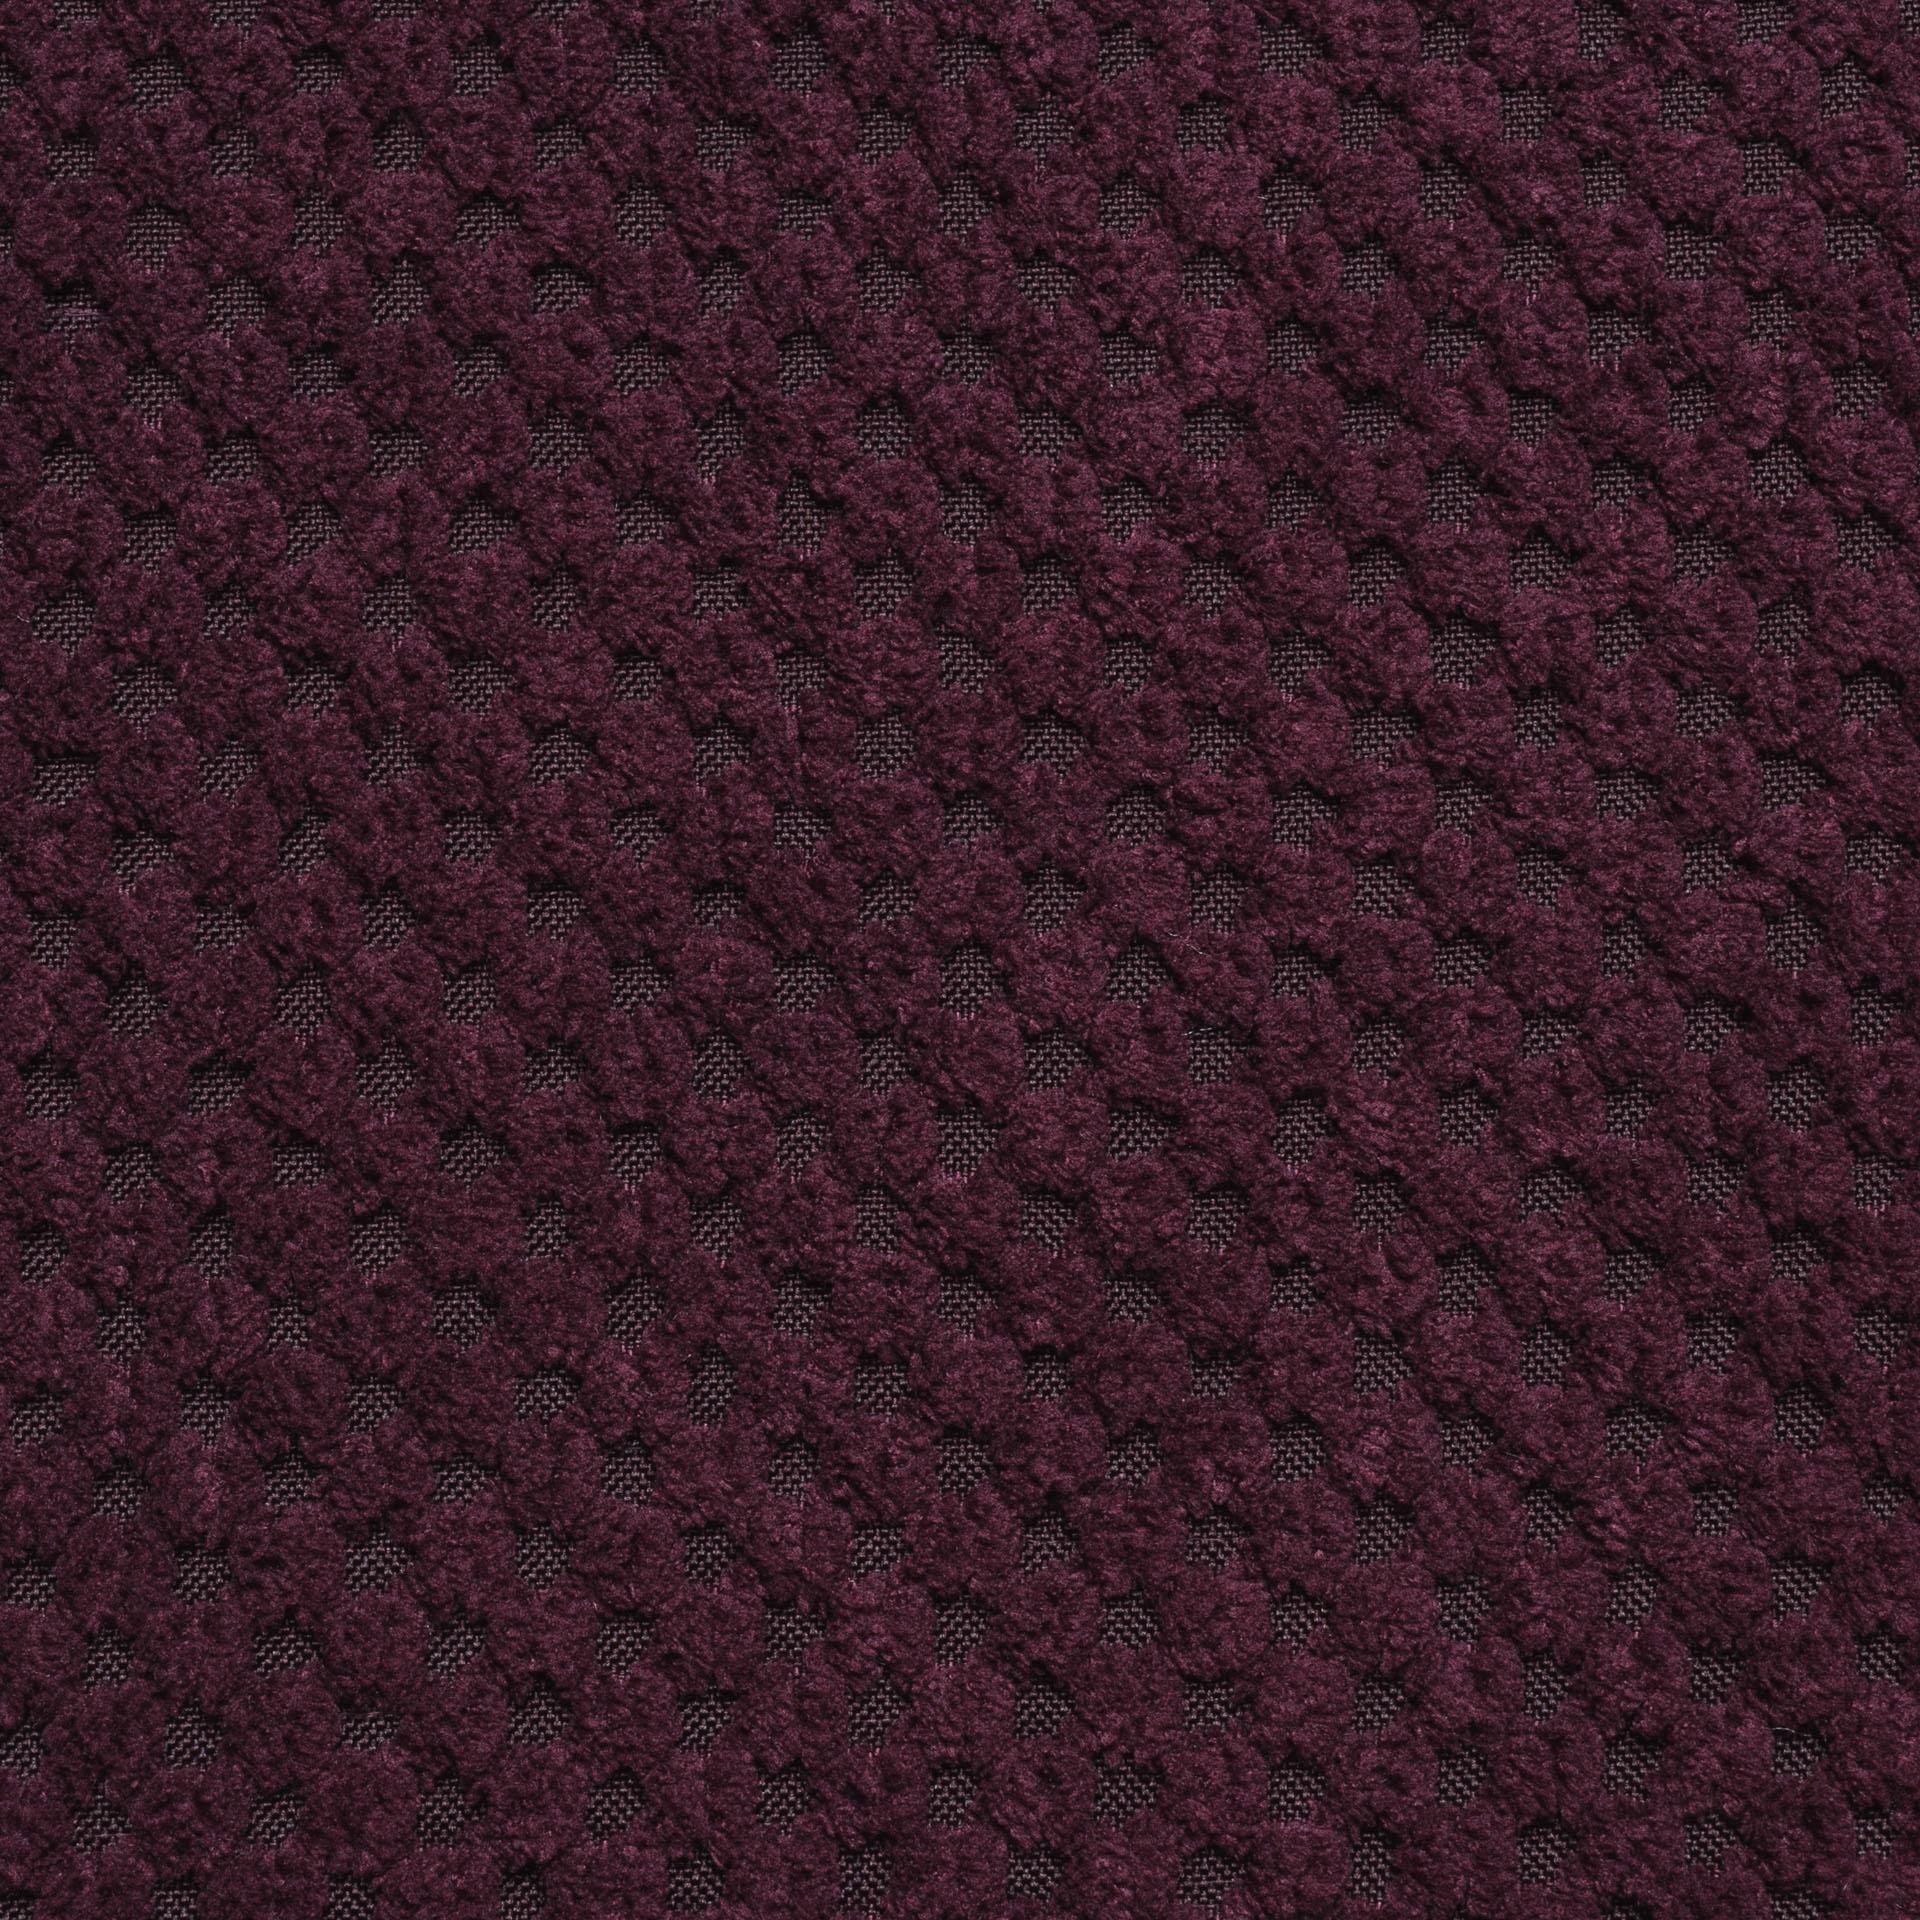 Коллекция ткани Дорис 70,  купить ткань Велюр для мебели Украина